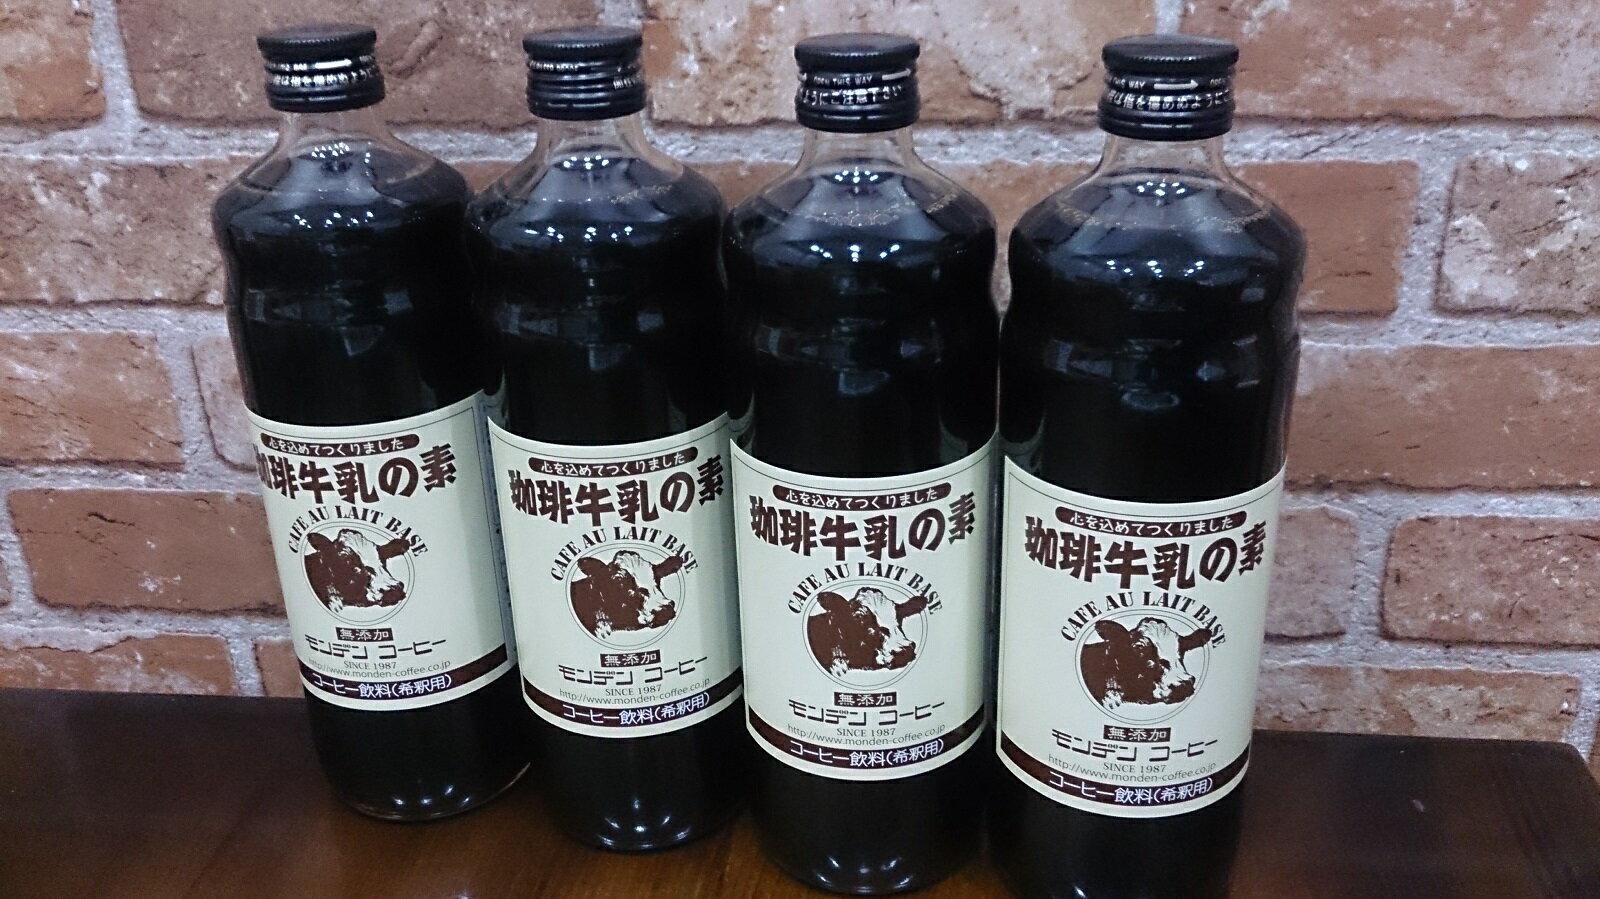 【モンデンコーヒー】珈琲牛乳の素 600ml 4本入送料無料/コーヒー牛乳の素/希釈飲料/人気商品